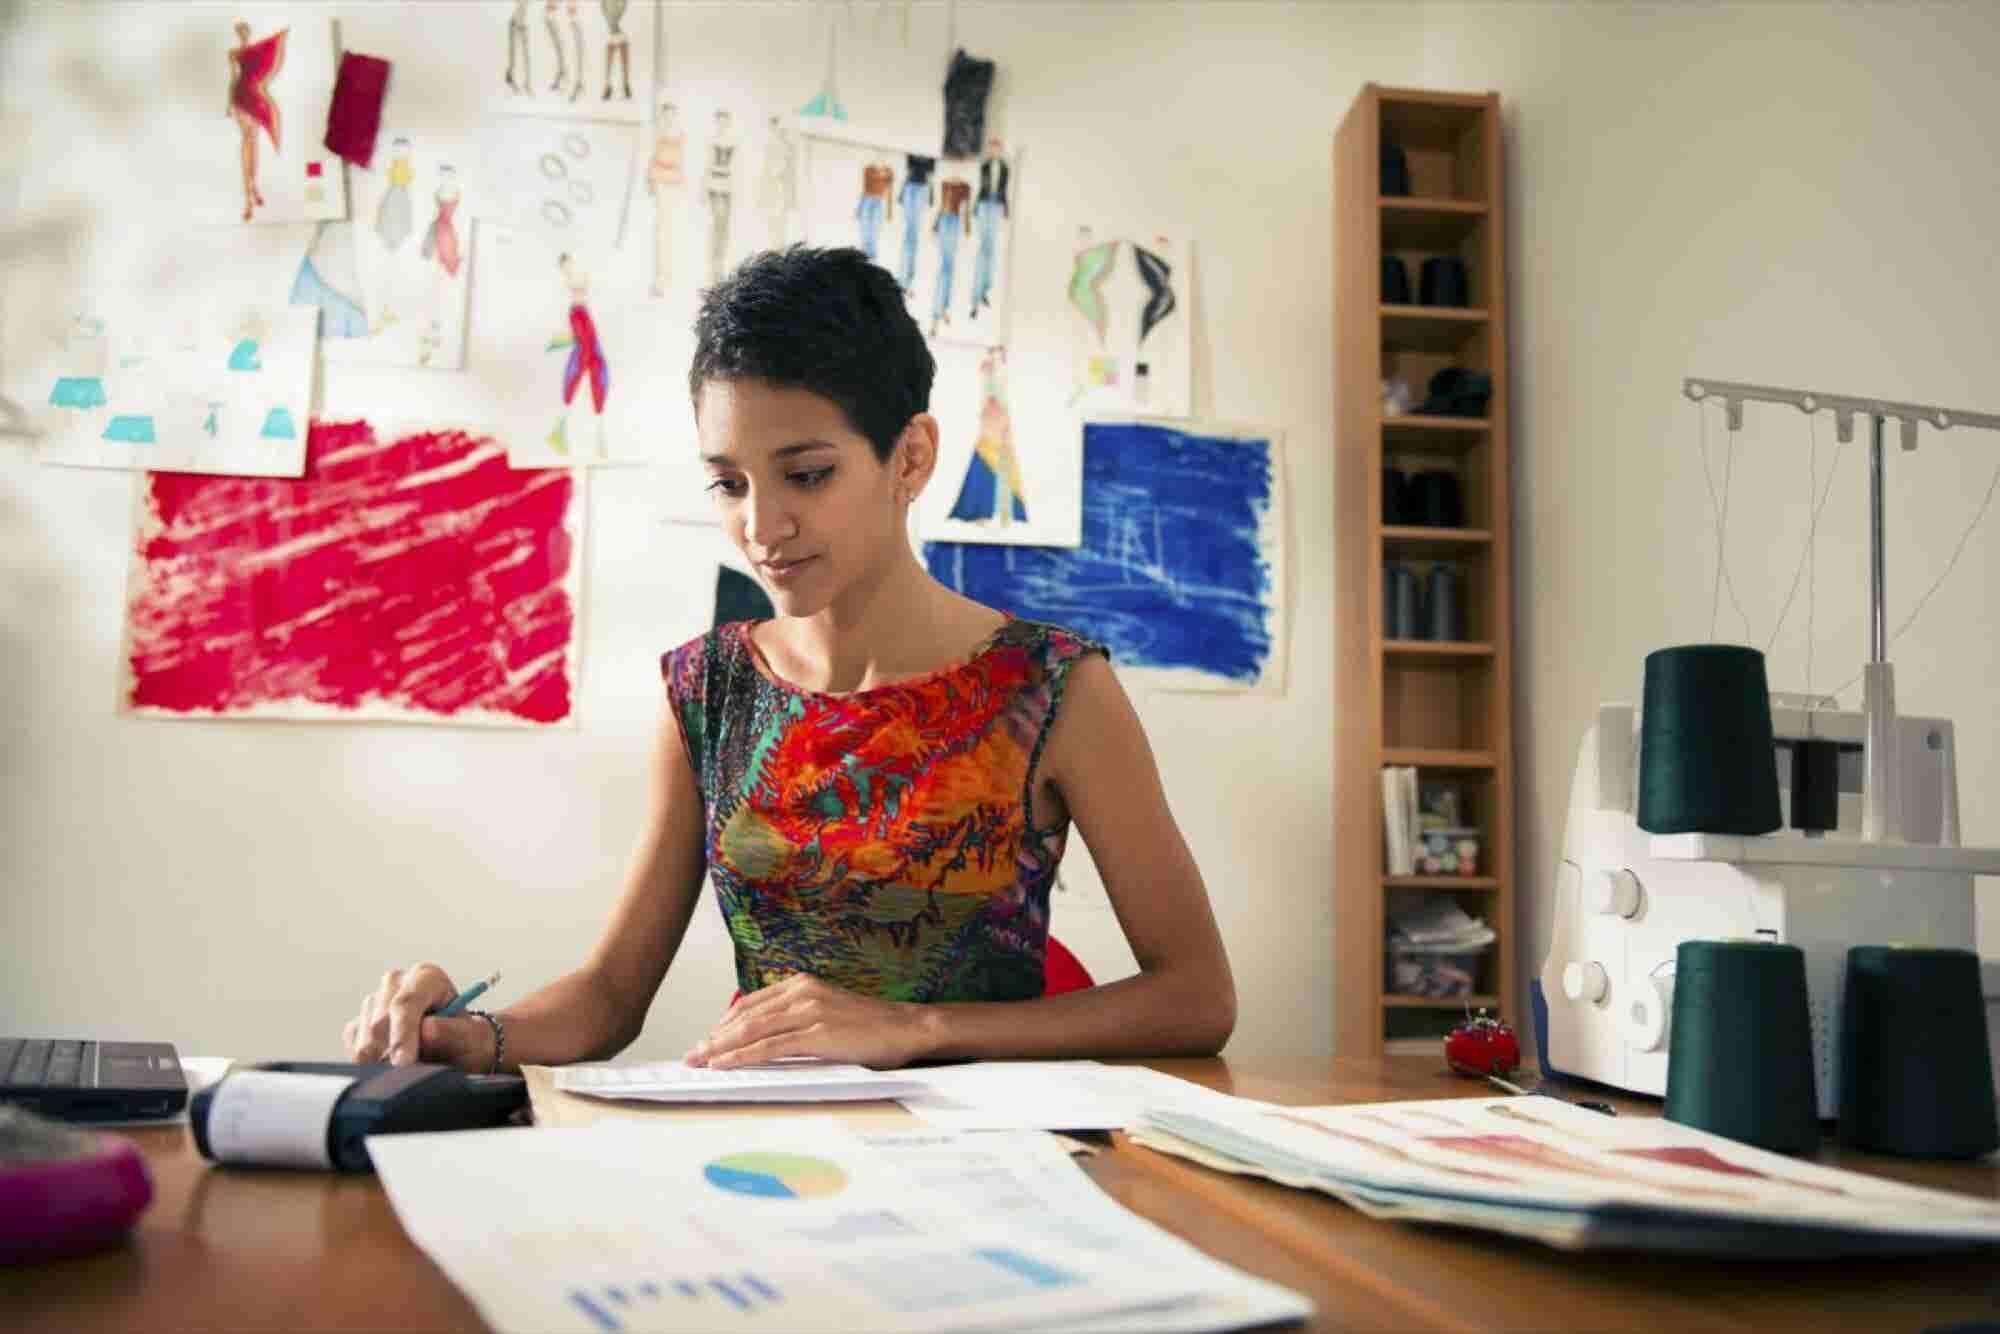 ¡Feliz Día de la Emprendedora! 5 reglas poderosas para mujeres de negocios